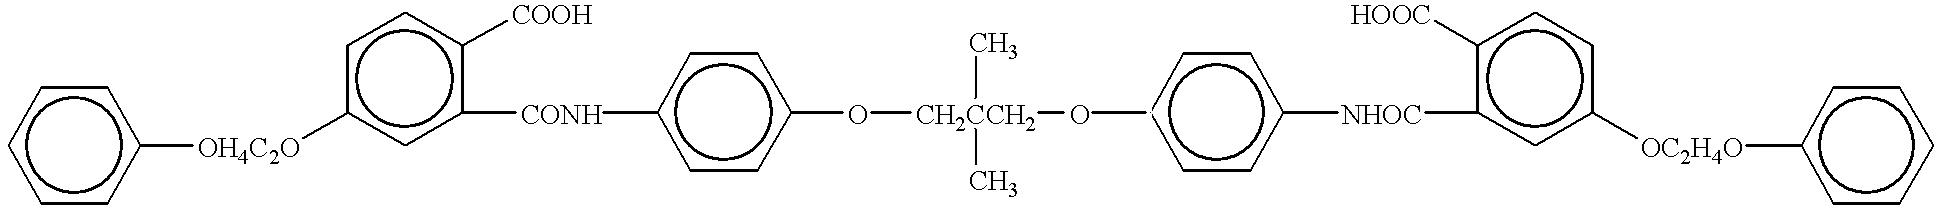 Figure US06180560-20010130-C00457